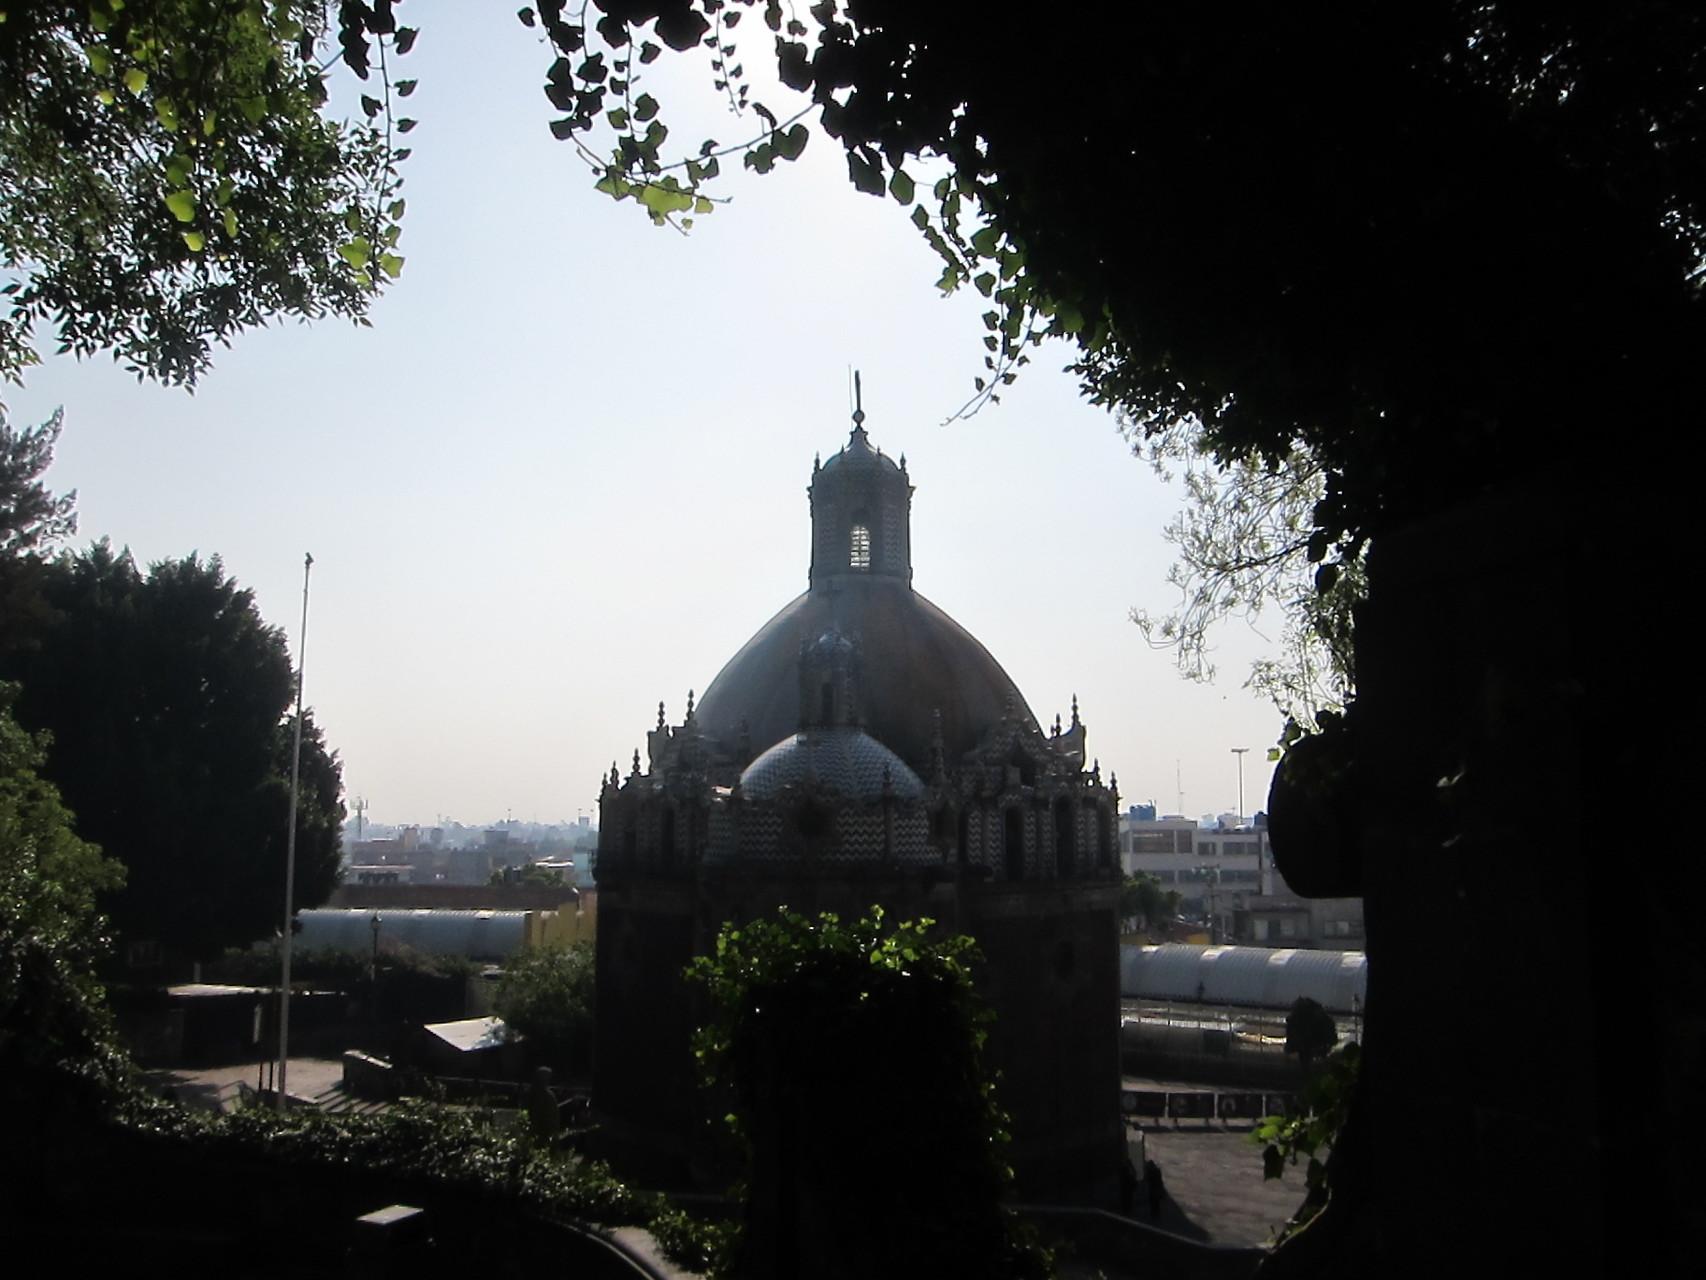 聖水の教会。資金が足りず工事が中断したことも